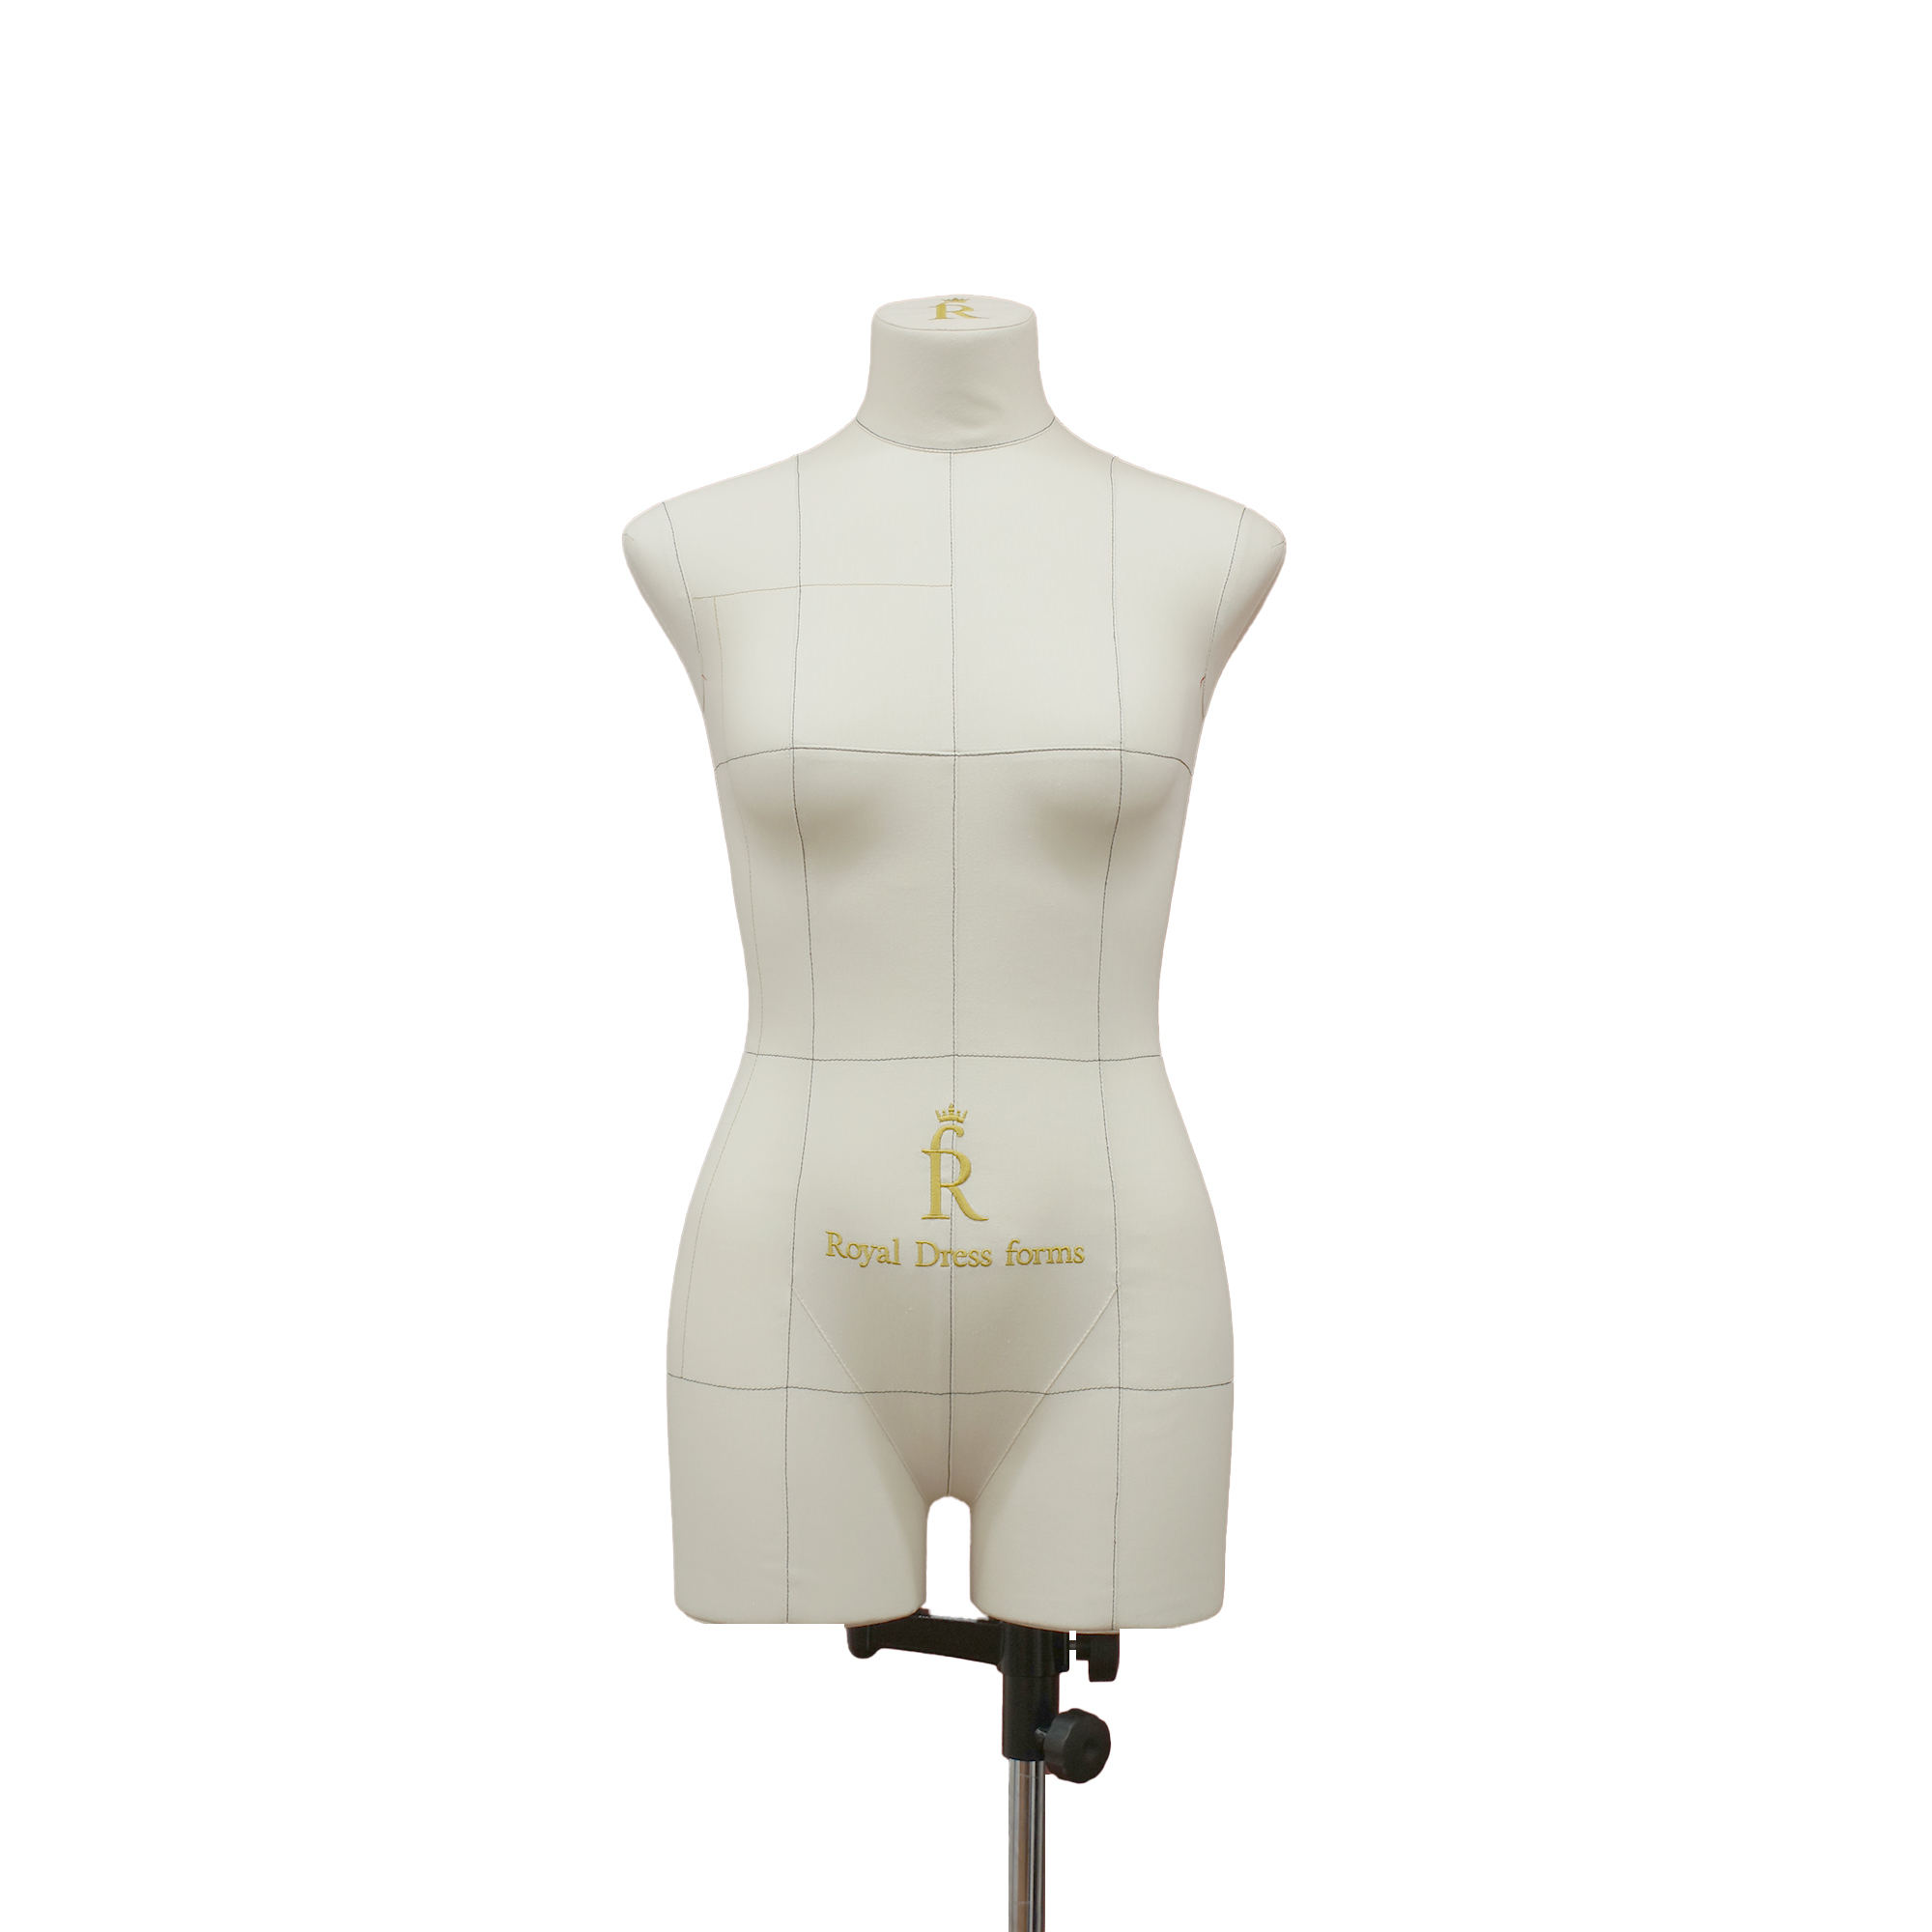 Манекен портновский Моника, комплект Про, размер 44, тип фигуры Прямоугольник, бежевый